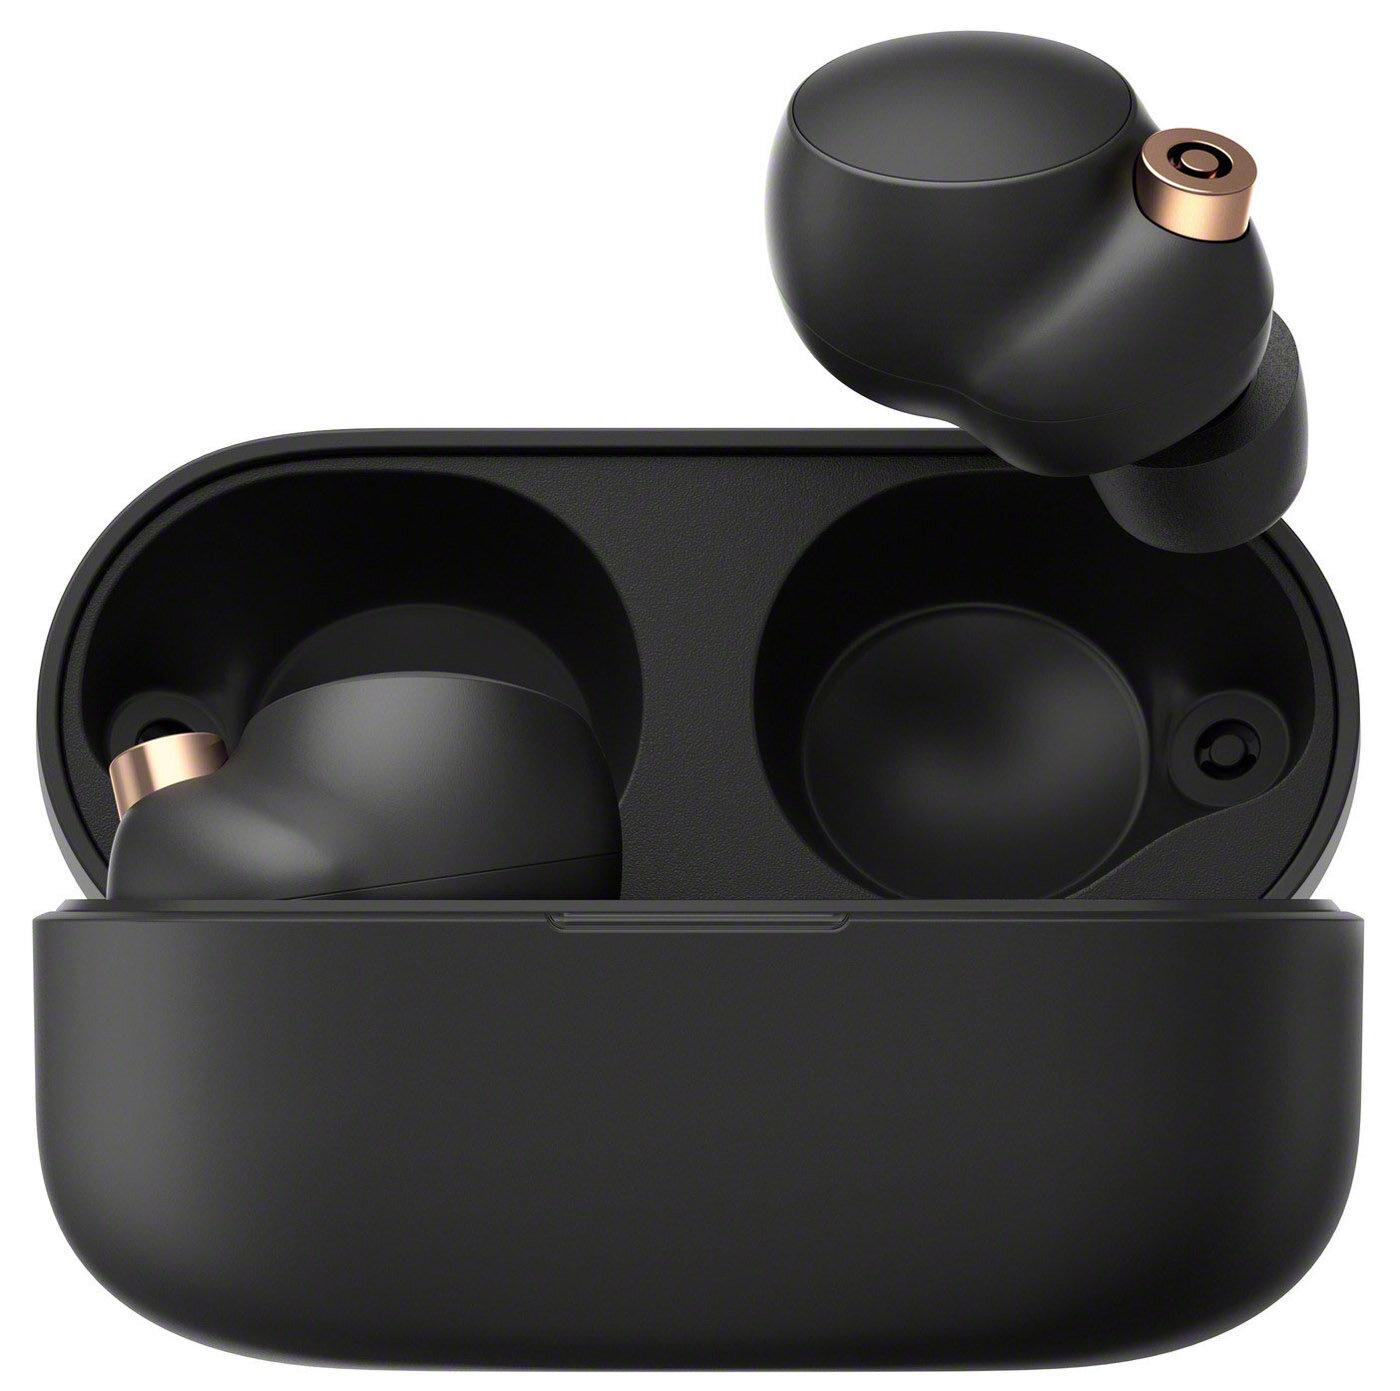 Magneter sørger for at holde headsettet på plads i æsken, når det lægges til opladning.